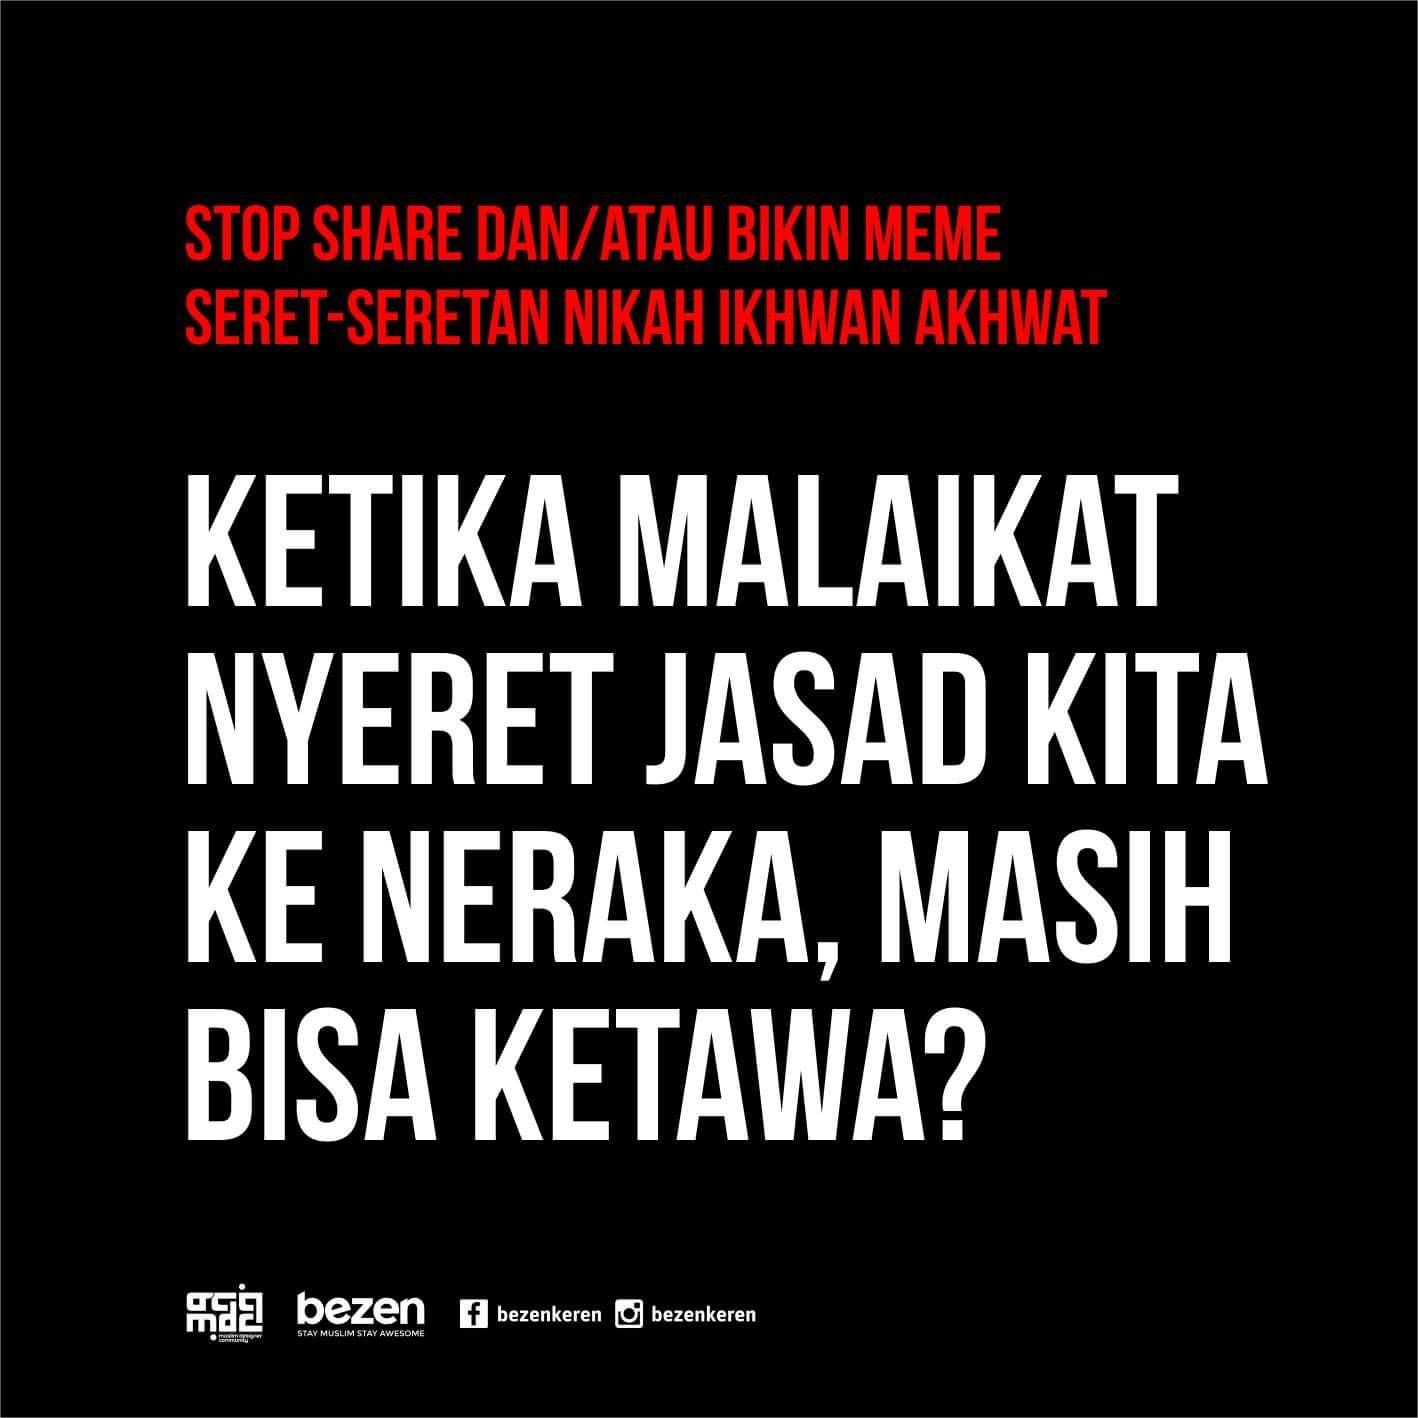 Stop Buat Meme Dan Share Seret Seretan Nikah Ikhwan Akhwat Foto Dakwah